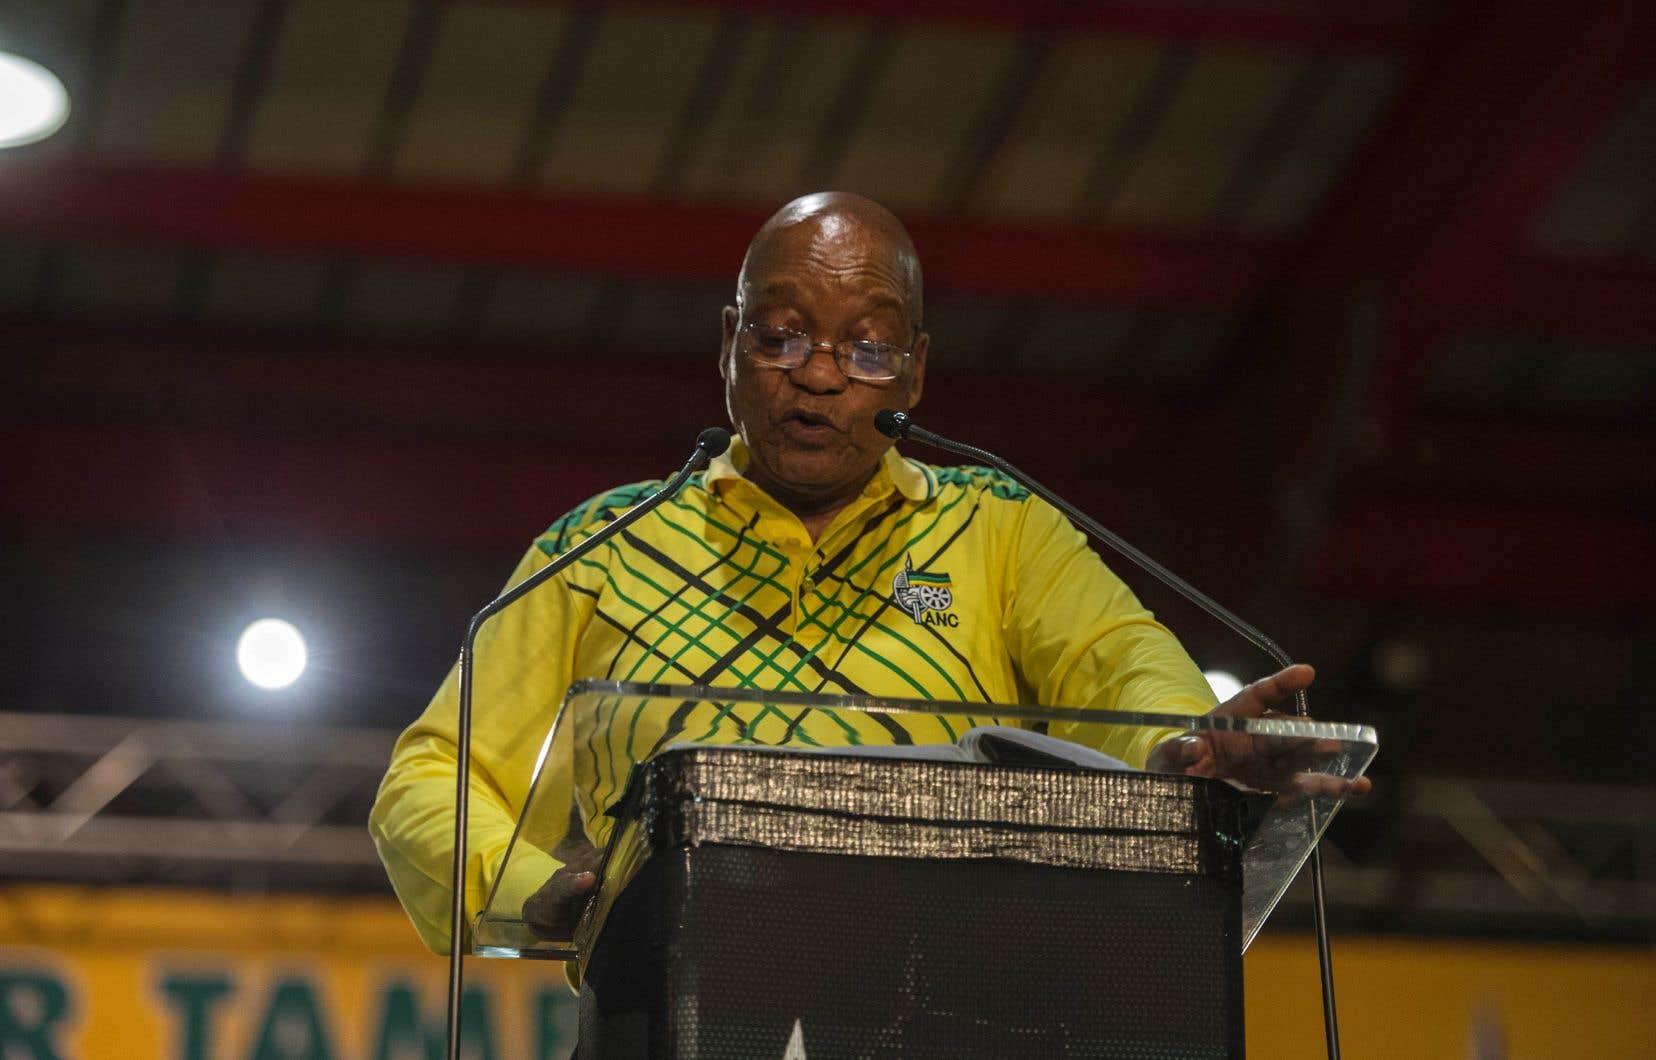 Devant des milliers de délégués réunis à Johannesburg, Jacob Zuma a prononcé son dernier discours de chef de l'ANC.